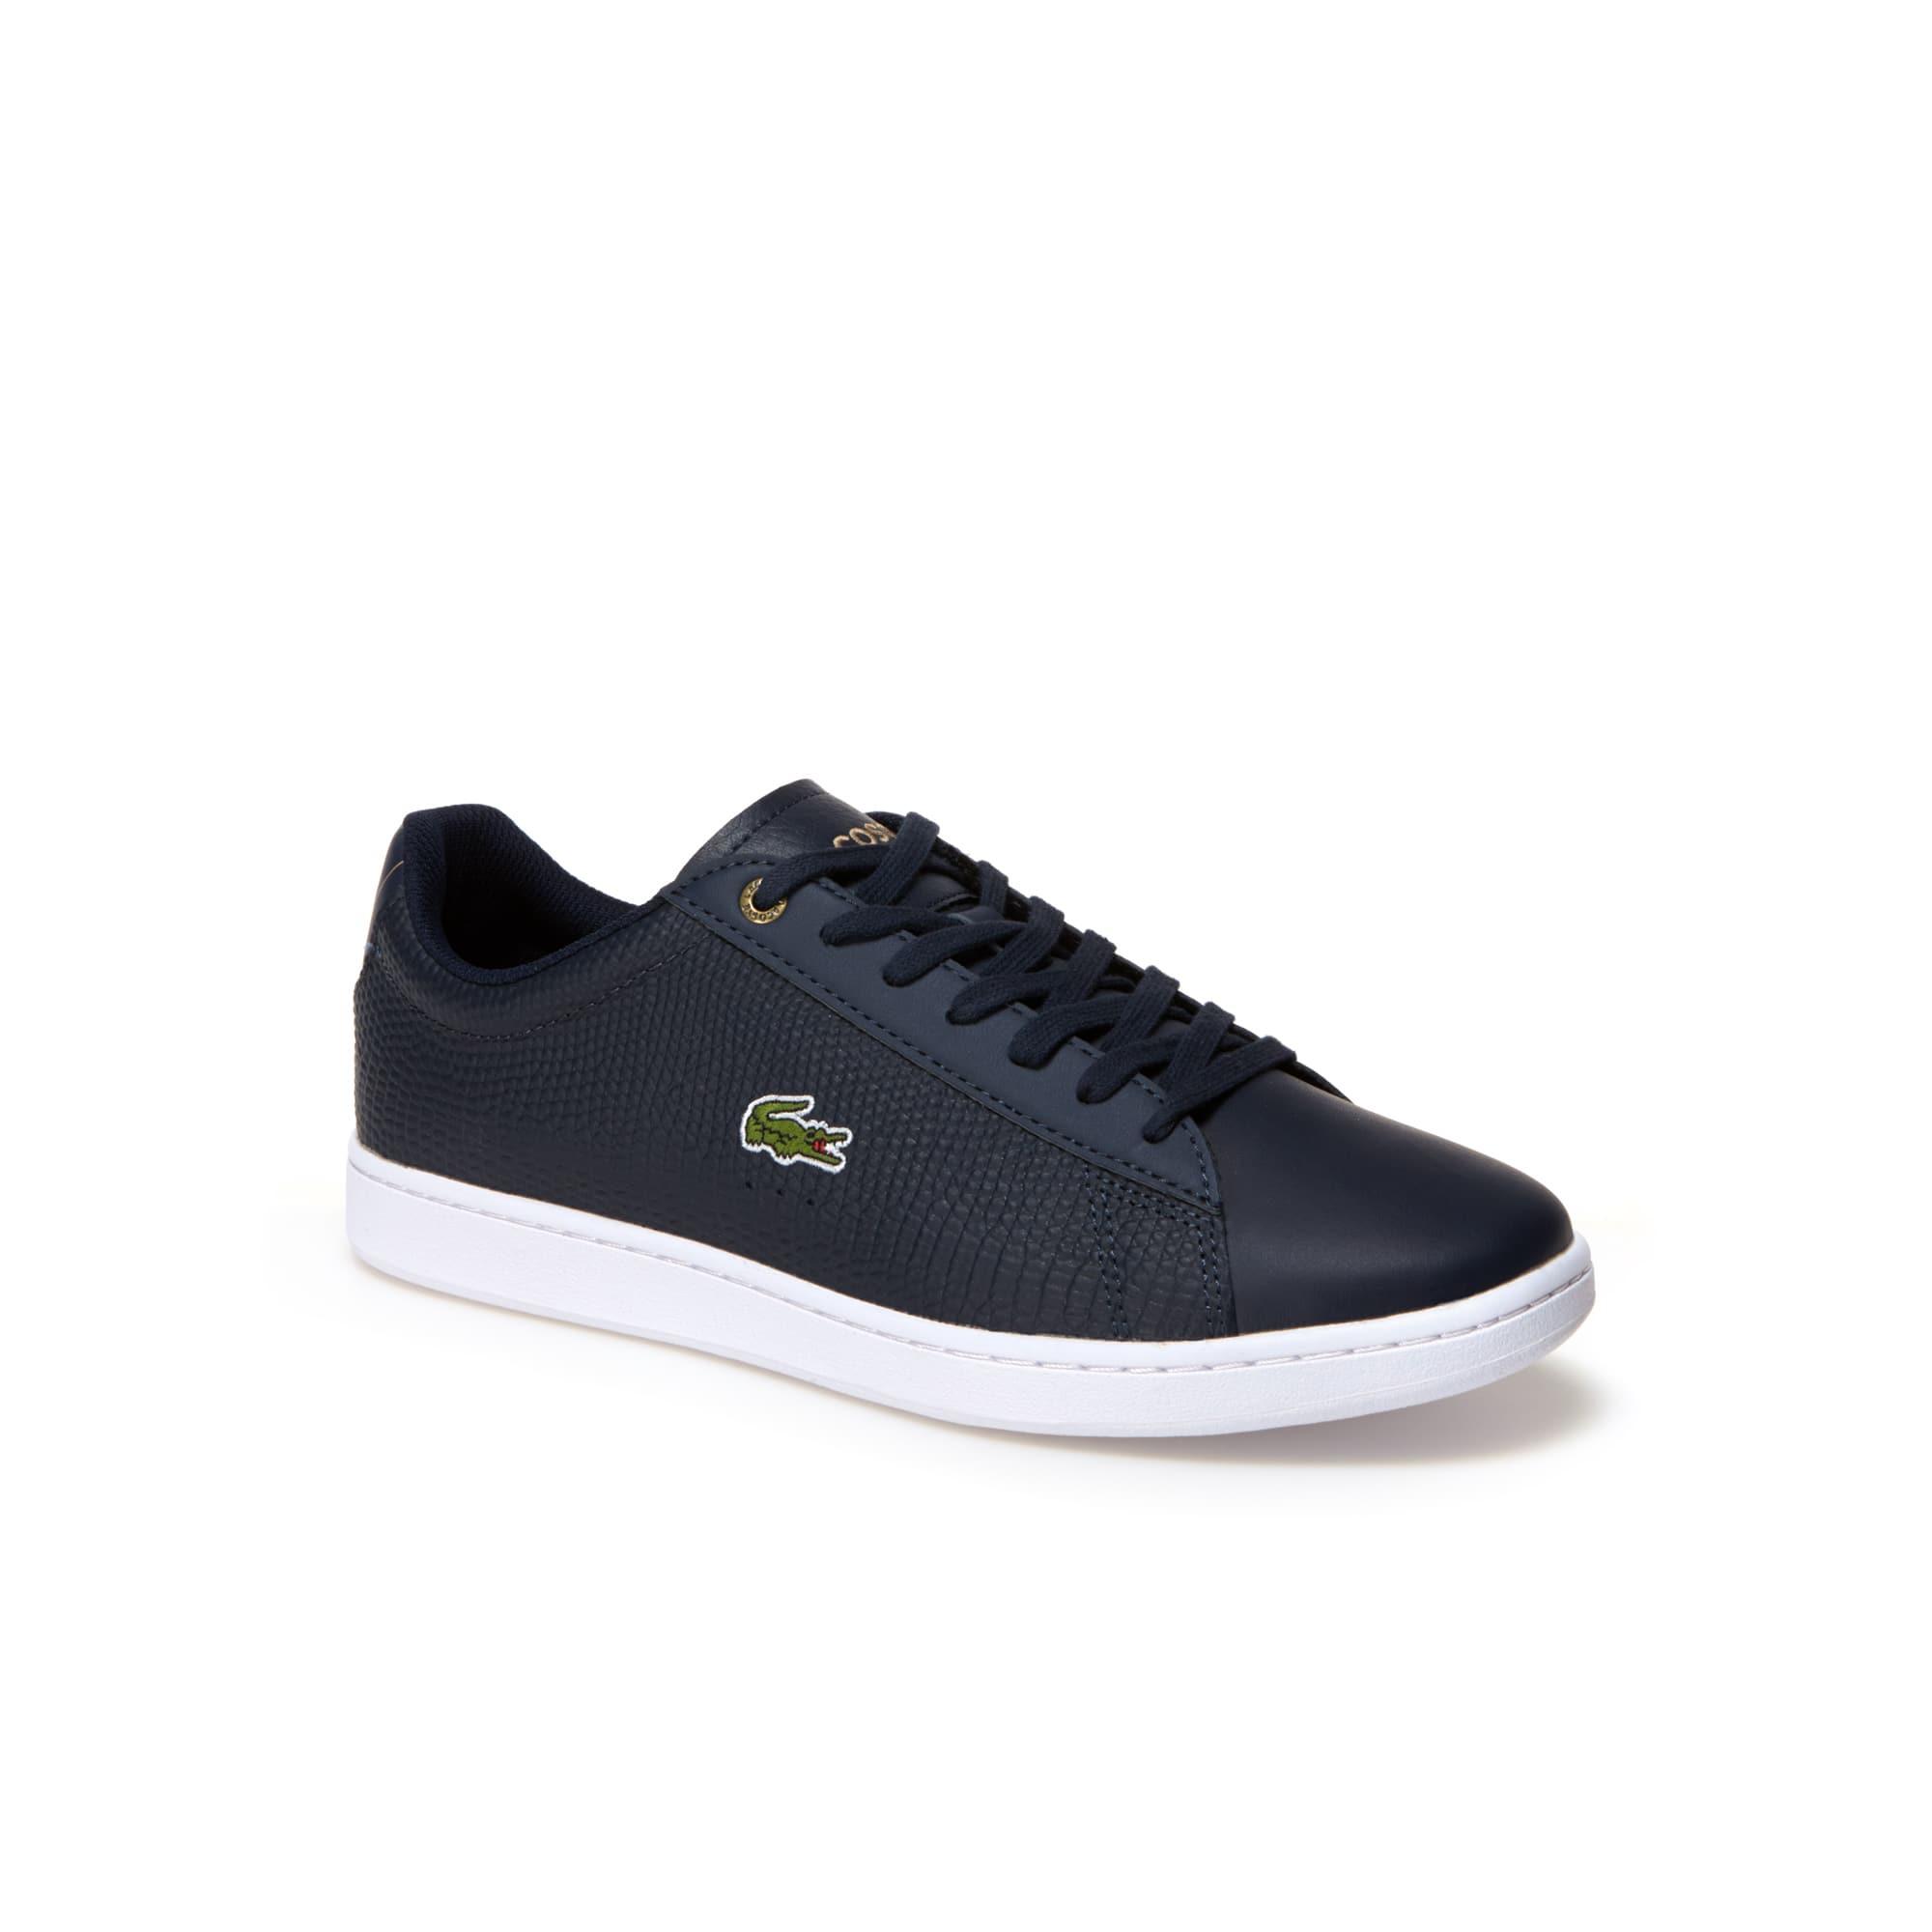 حذاء Carnaby Evo  الرياضي للرجال